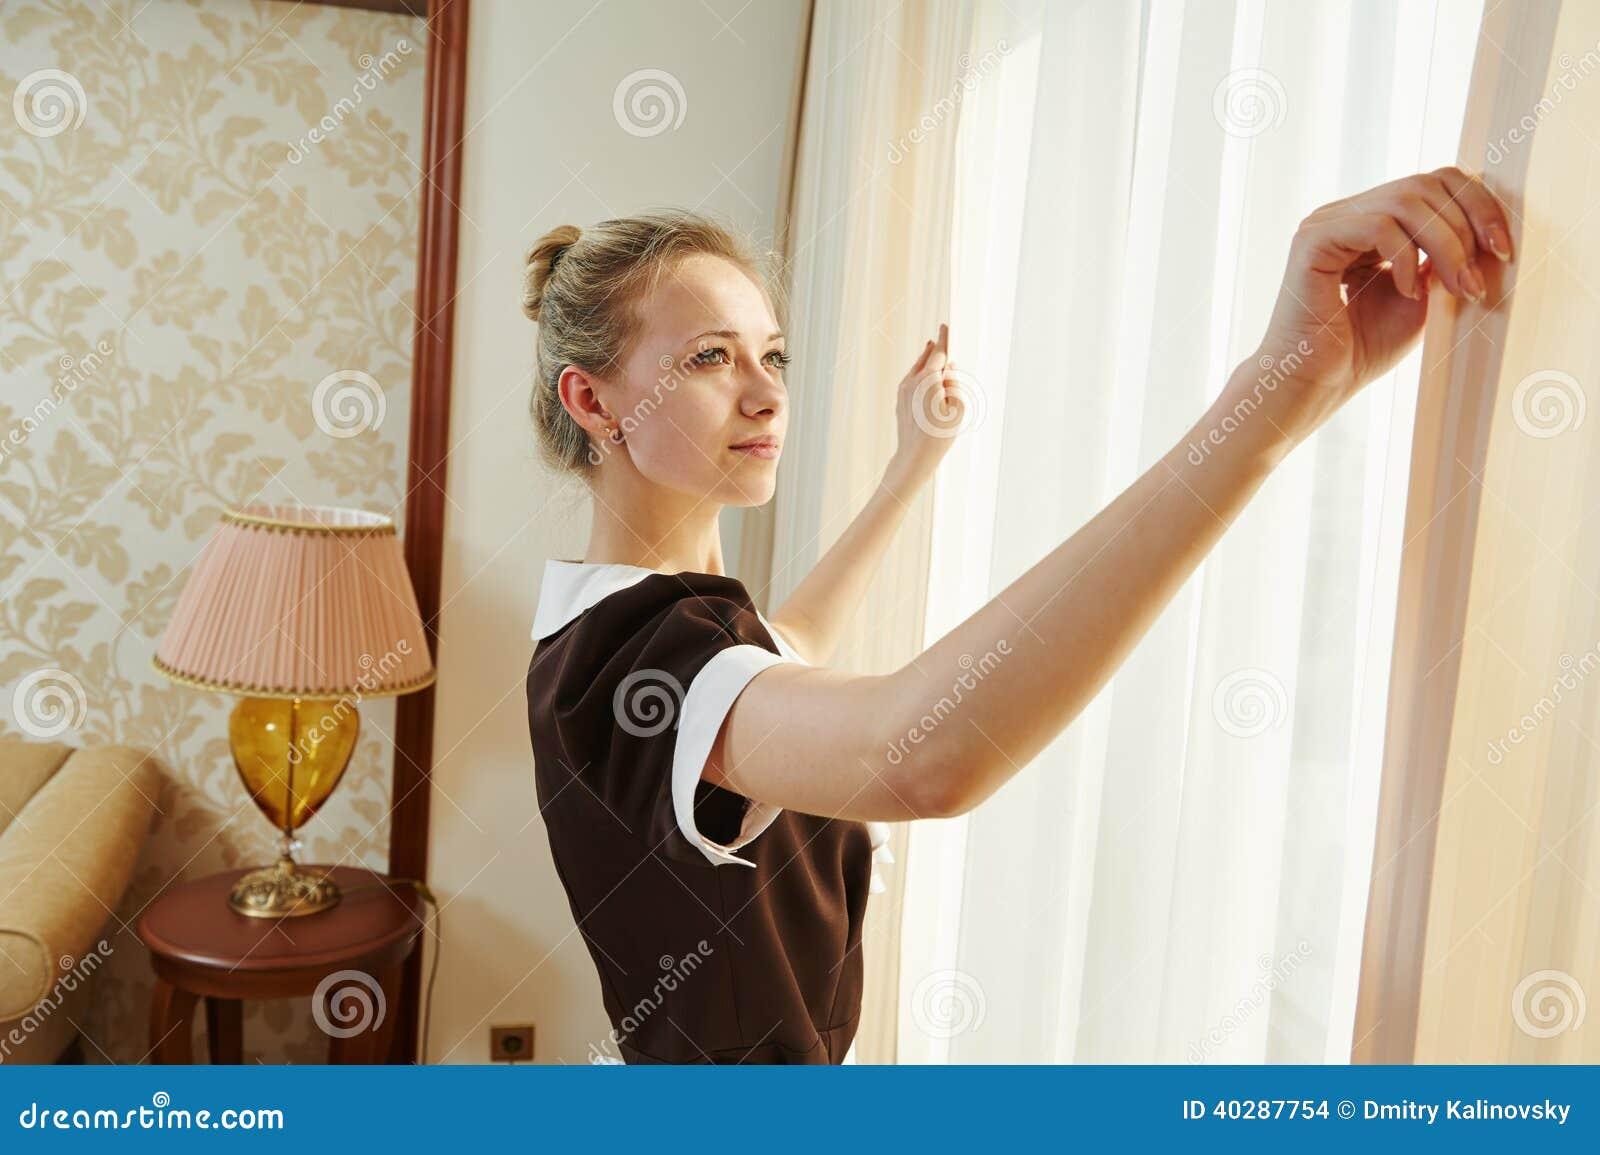 Femme de chambre au service h telier photo stock image for Femme de chambre